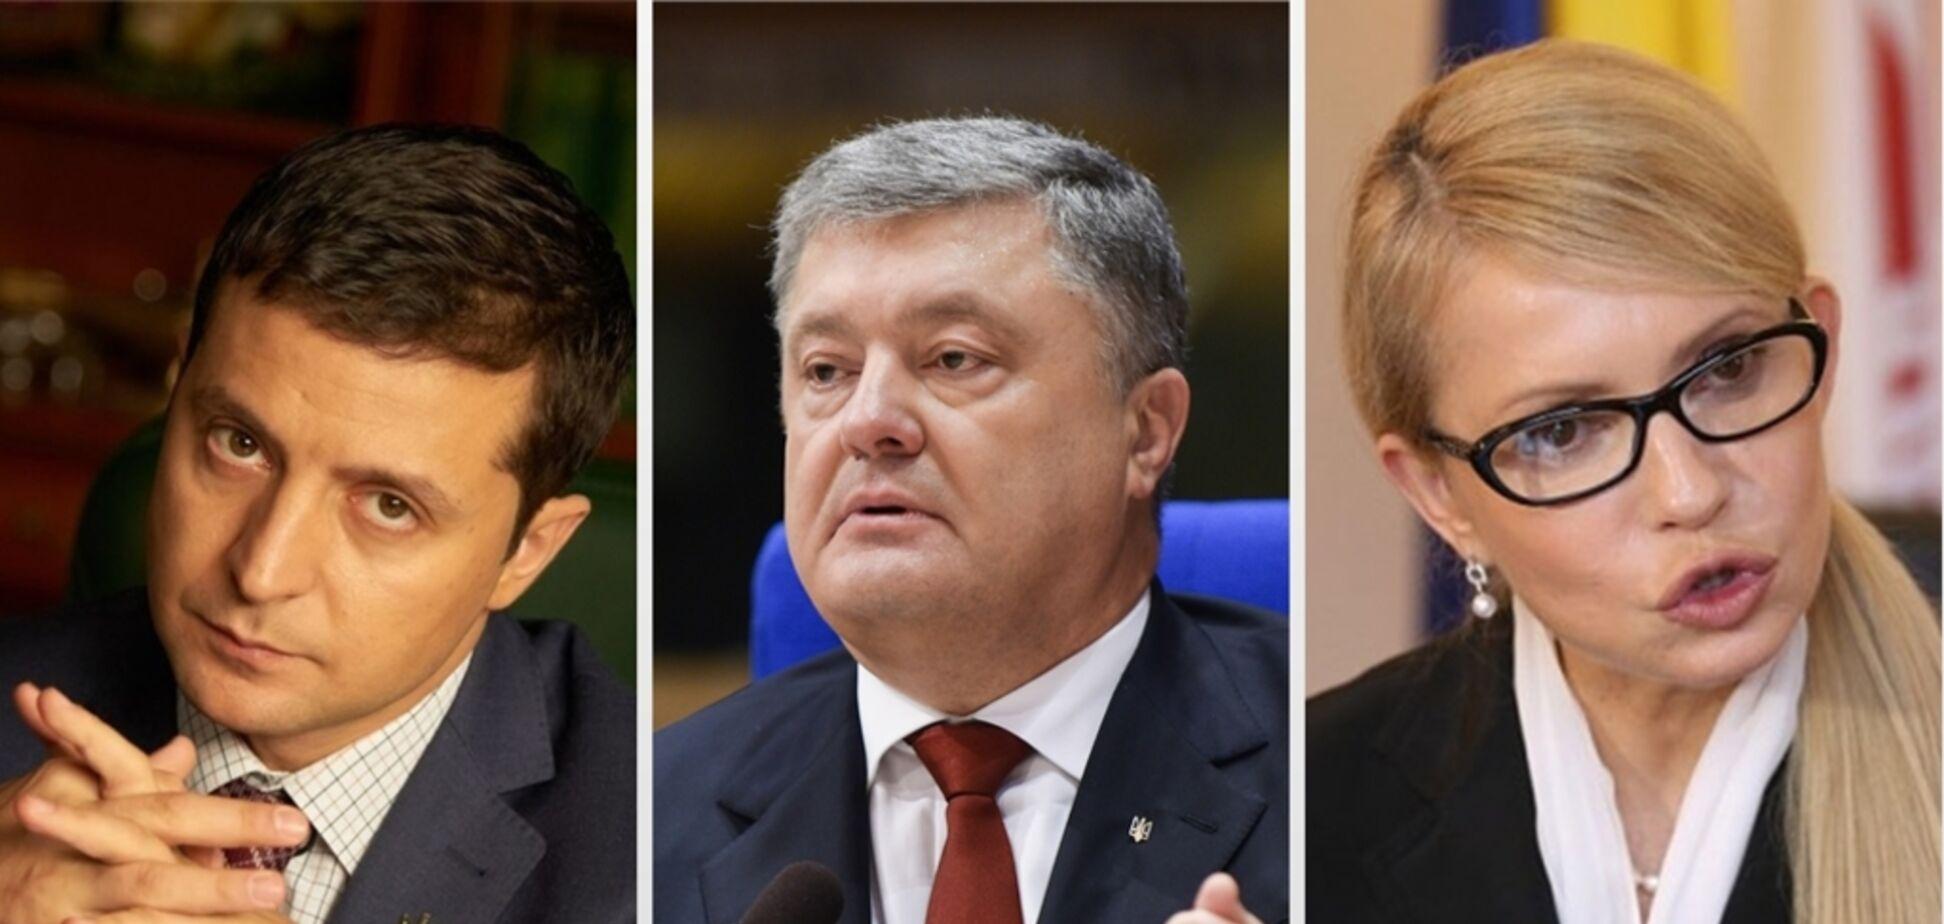 Порошенко наздоганяє Тимошенко: українці назвали топ-3 кандидати